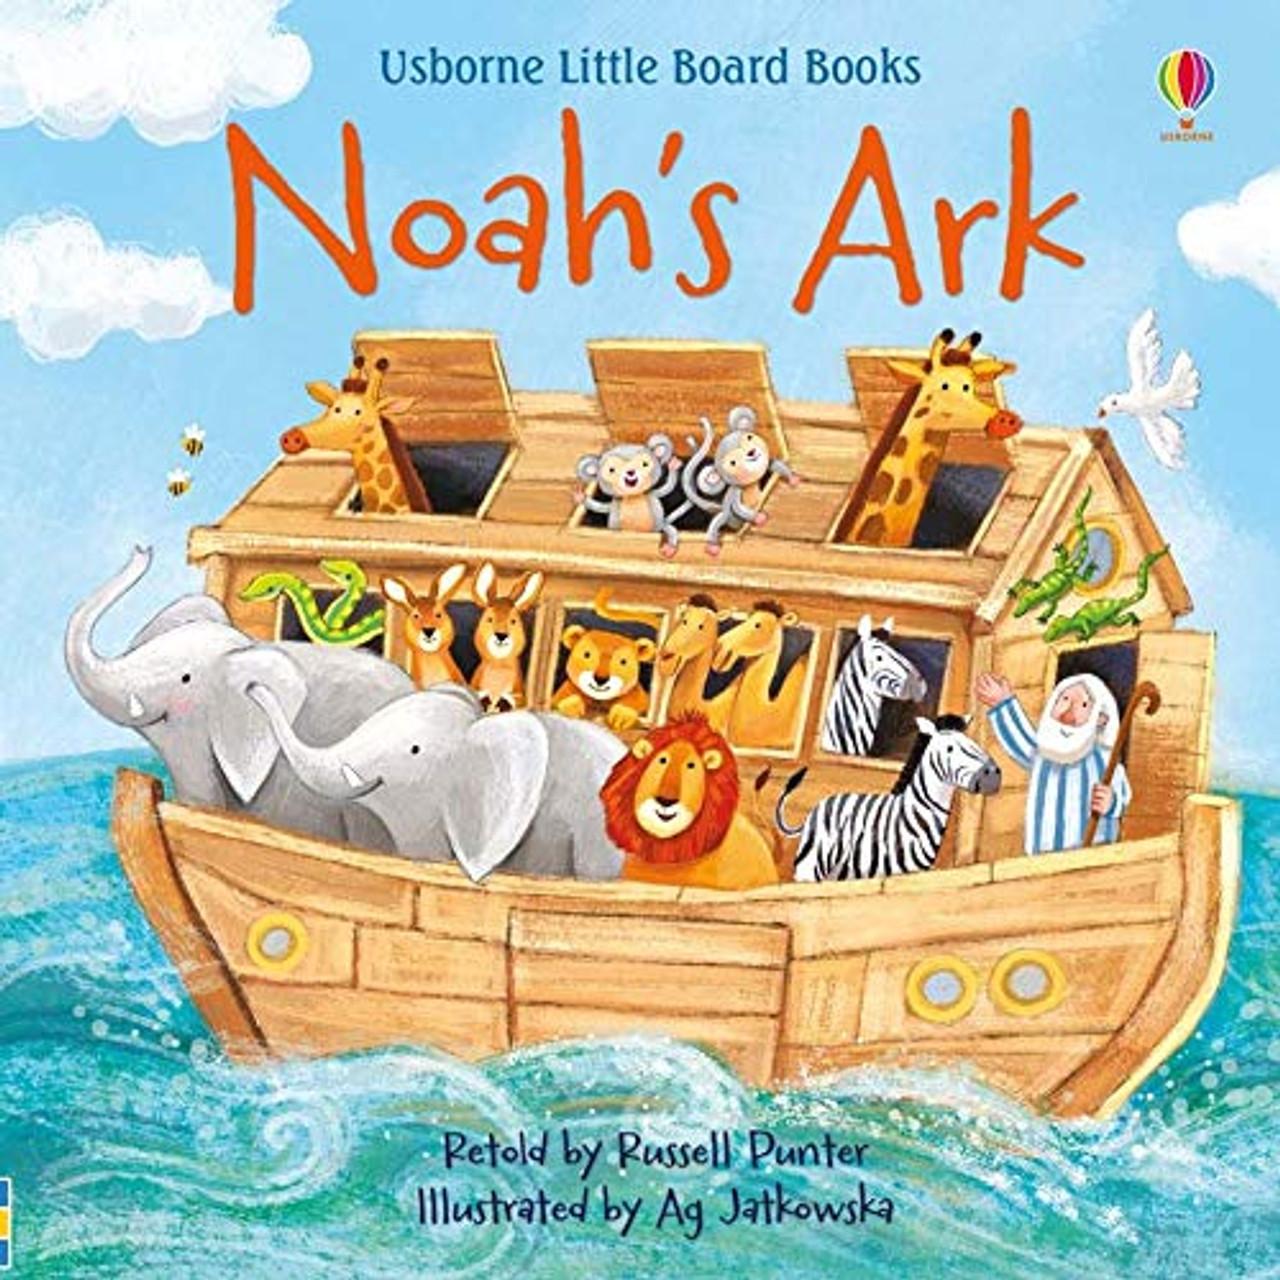 NOAHS ARK BB